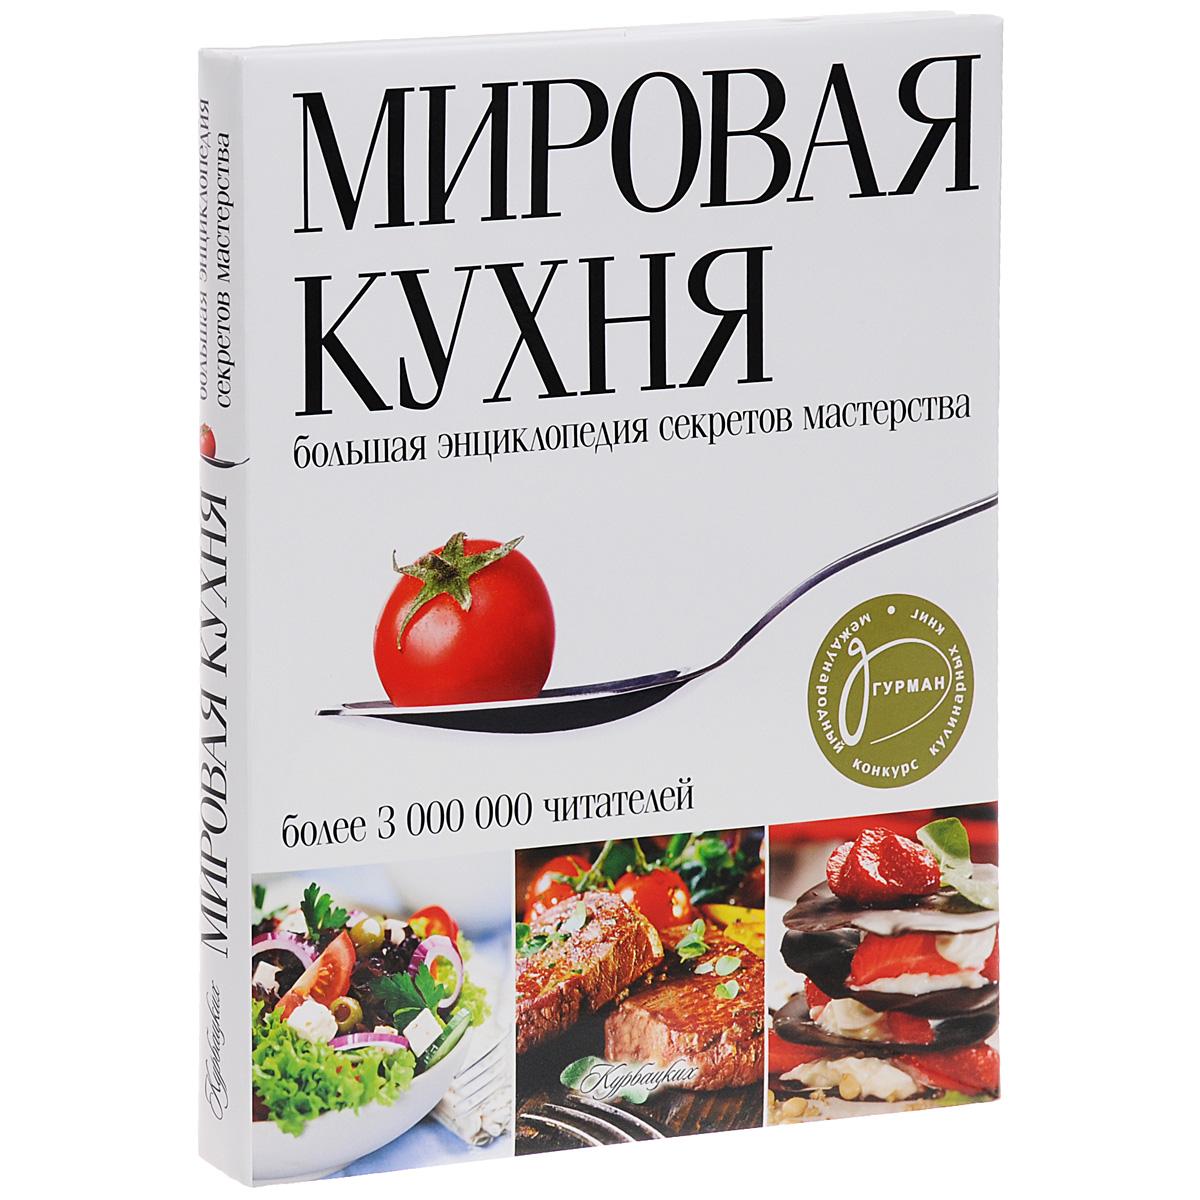 Мировая кухня. Большая энциклопедия секретов и мастерства